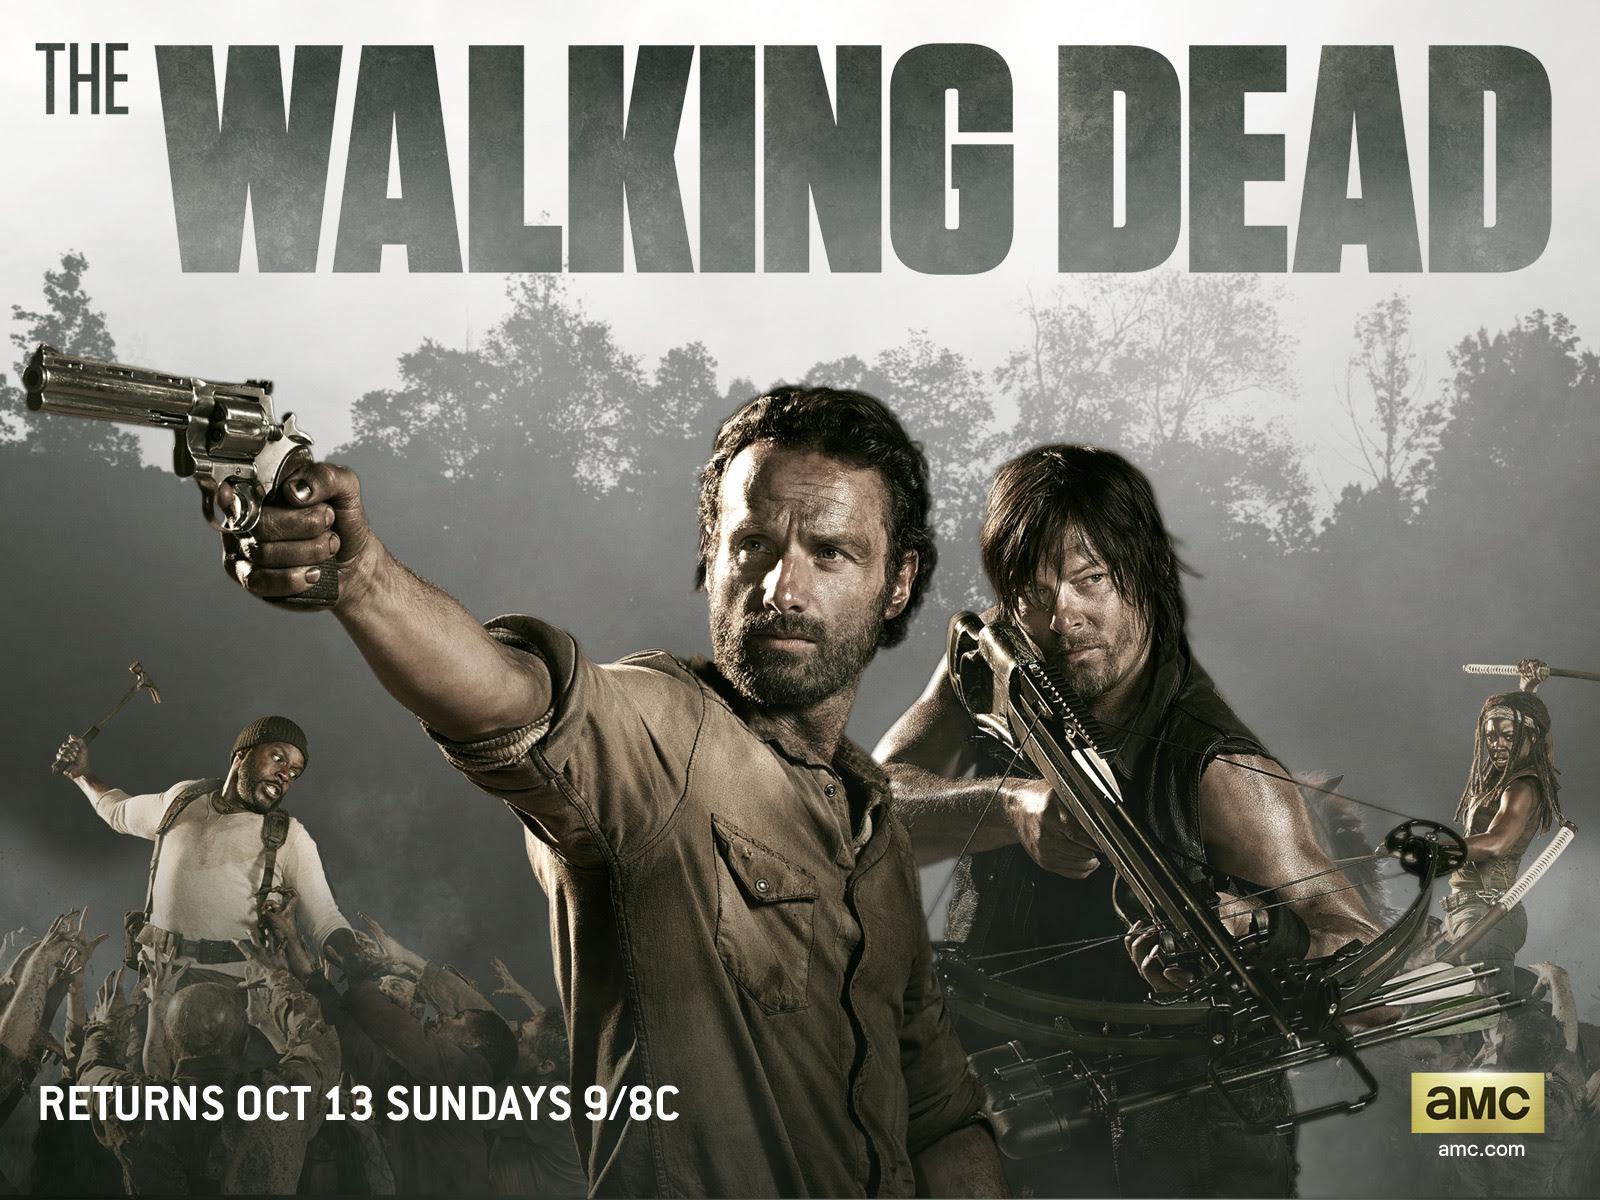 The Walking Dead Wallpaper 1600x1200 82164